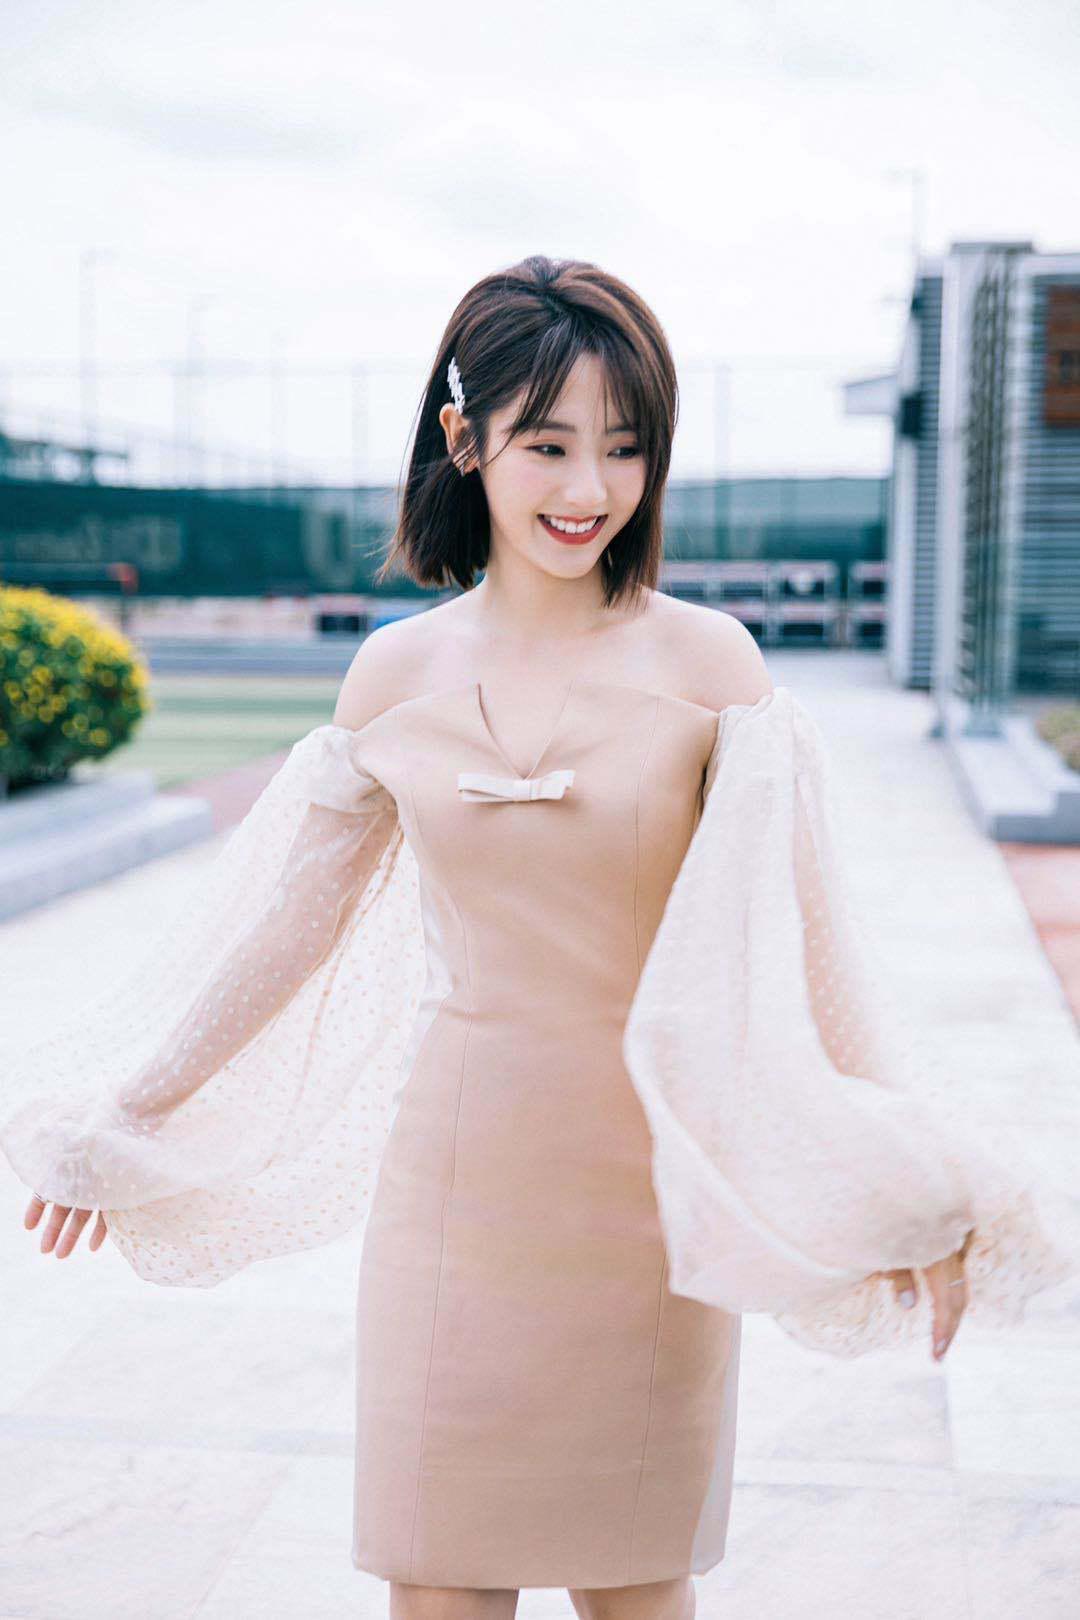 邢菲V视界大会活动照发布,一袭露肩修身短裙,搭配五角星发卡……